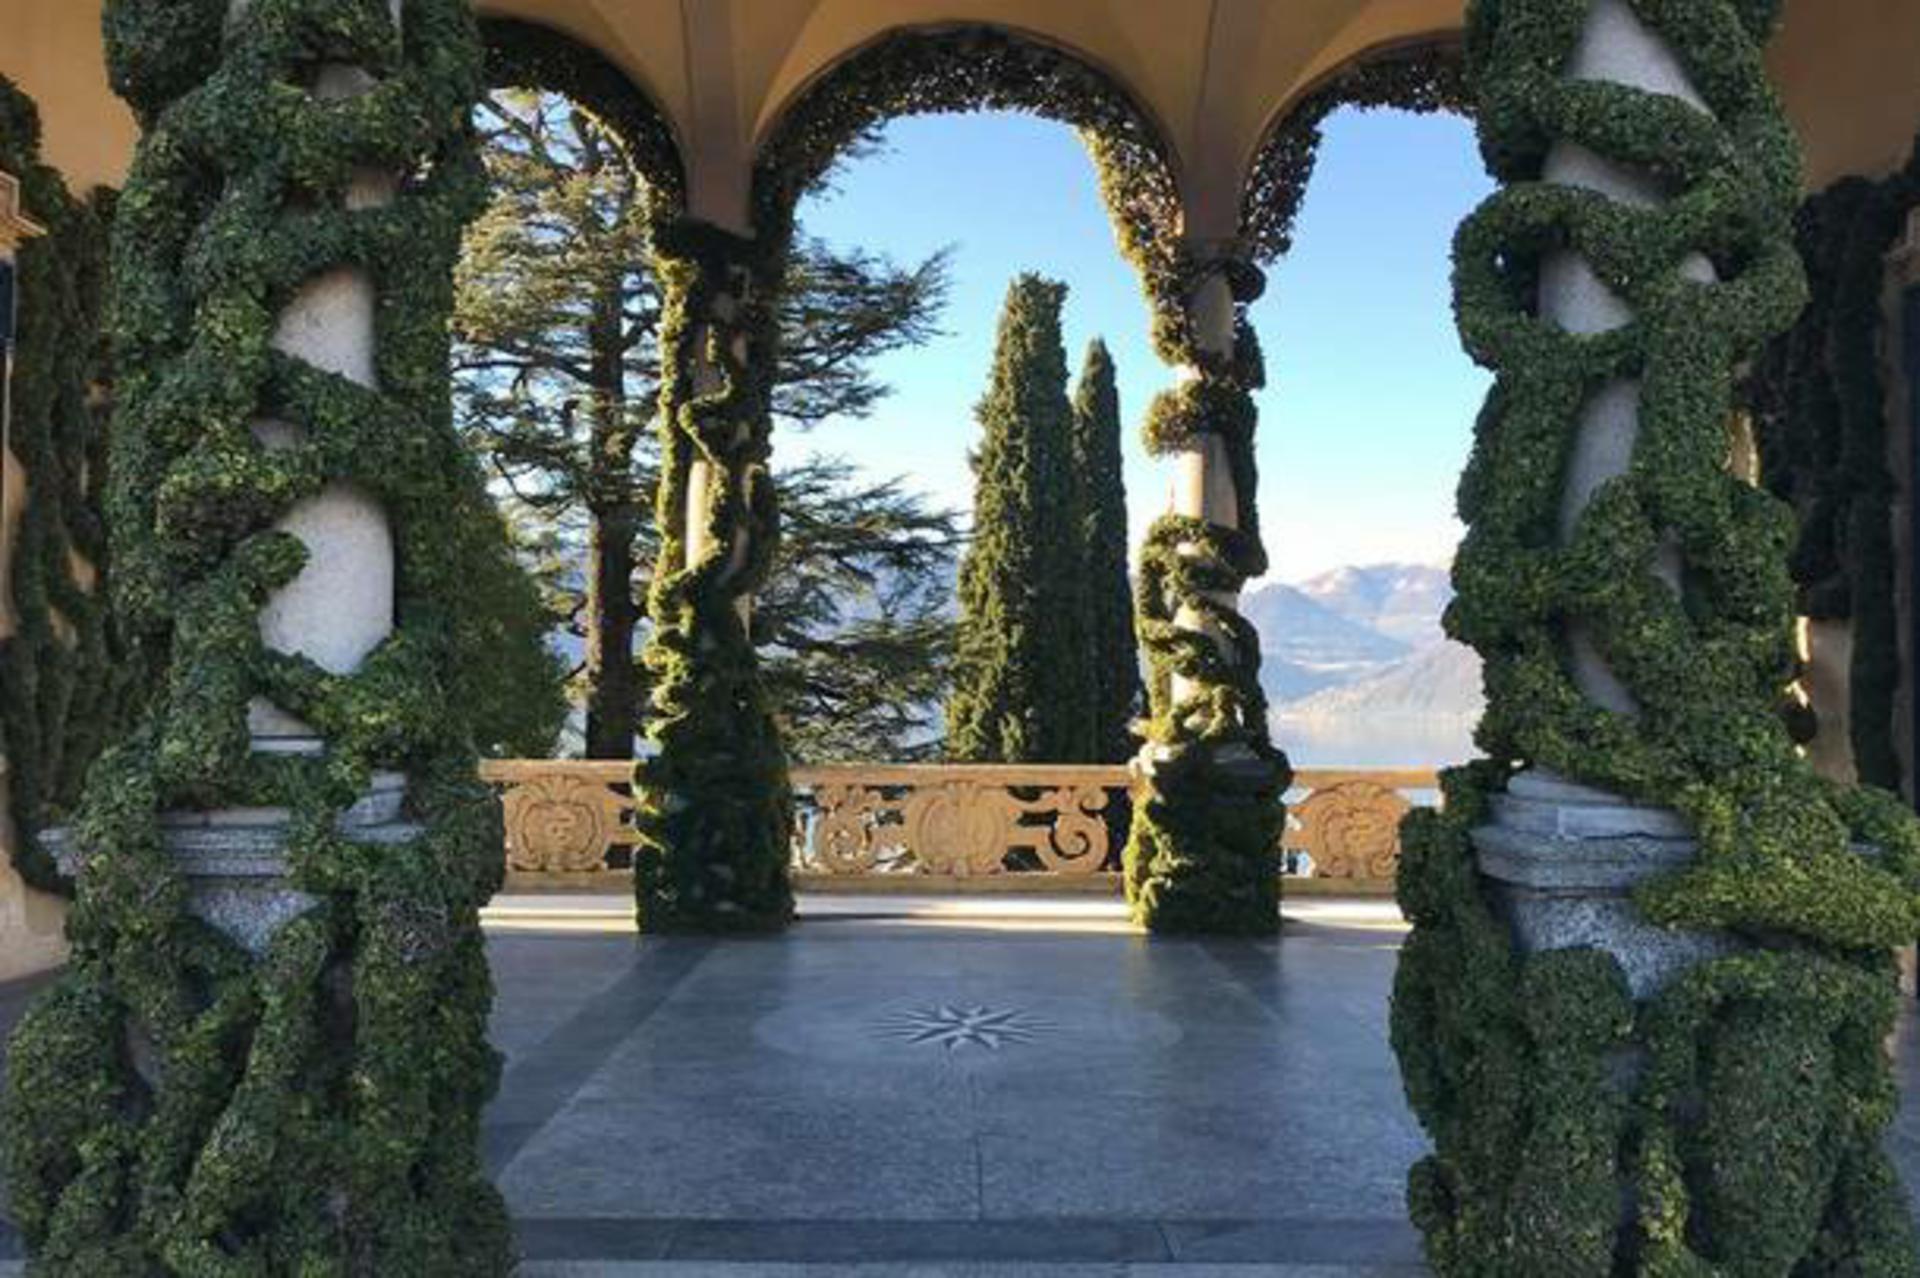 La dolcezza del lago di Como fluisce nell'inchiostro di Stendhal, Manzoni, Liszt e George Lucas